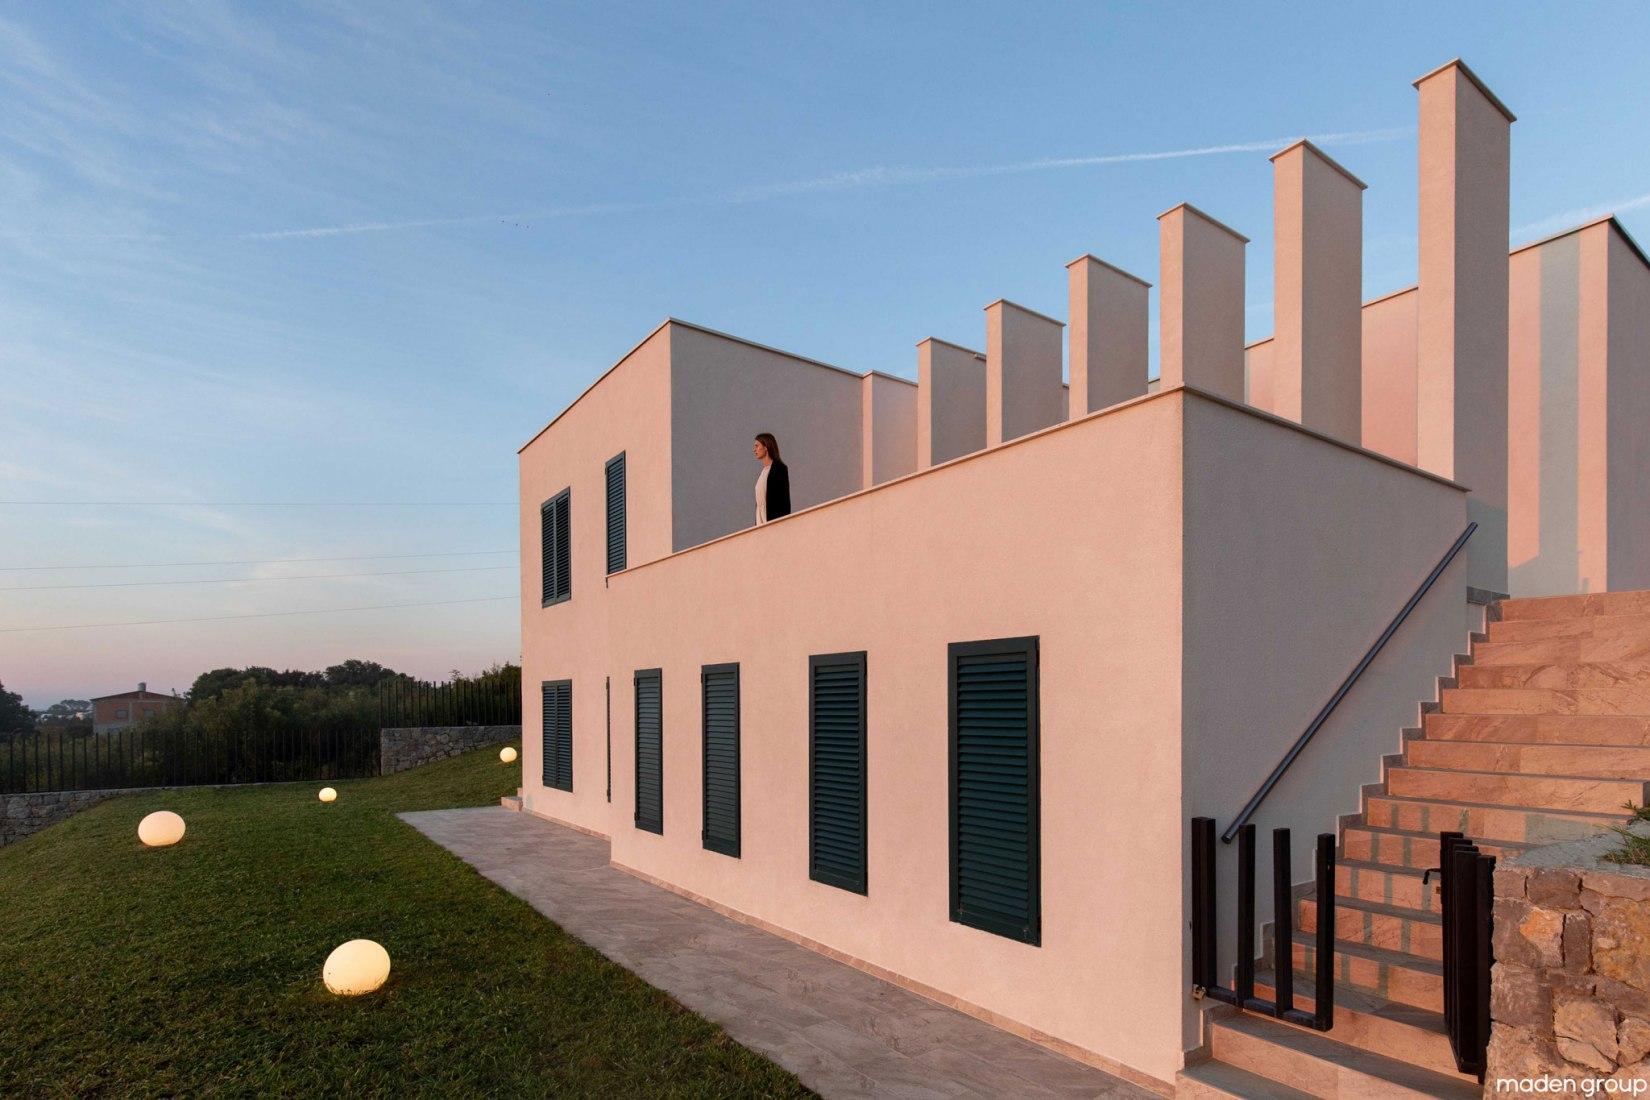 La Casa de la Colina por Maden Group. Fotografía por Leonit Ibrahimi